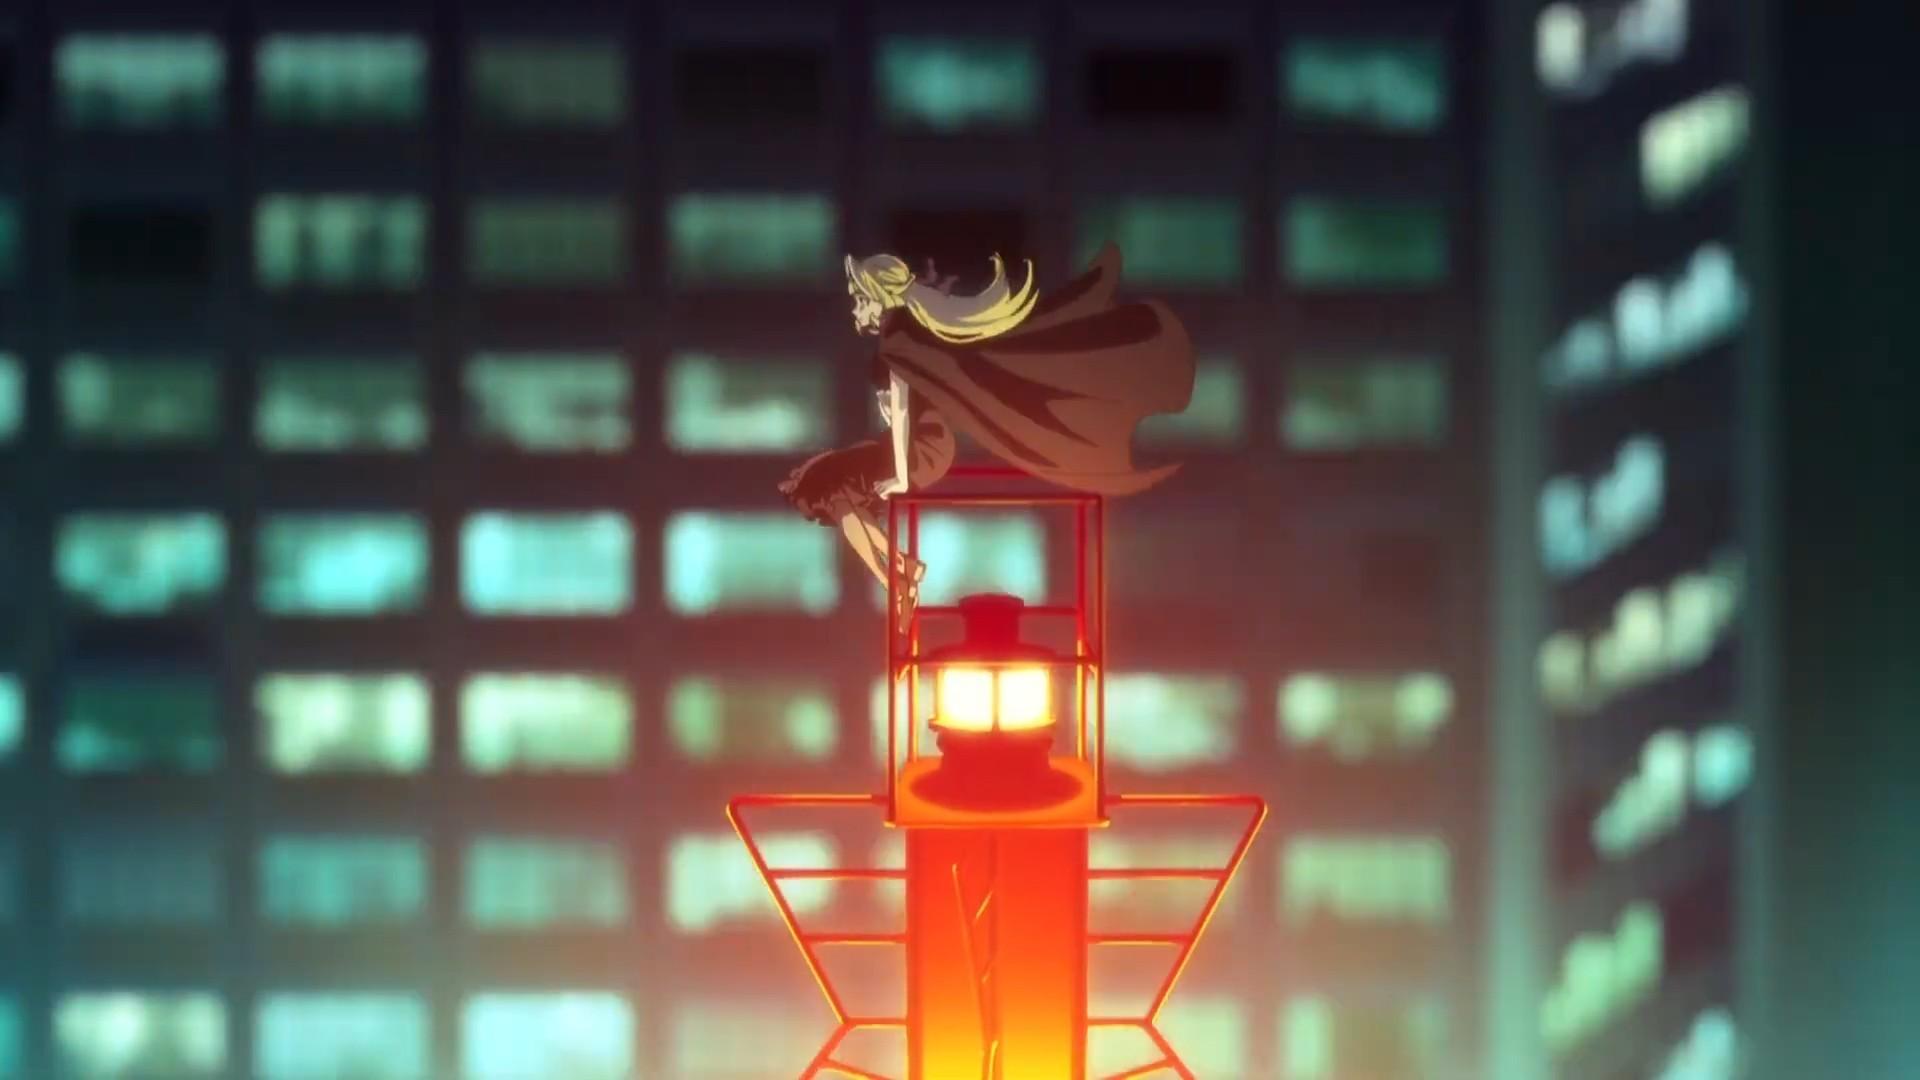 押井守新作TV动画《Vlad Love》OP映像公开- ACG17.COM